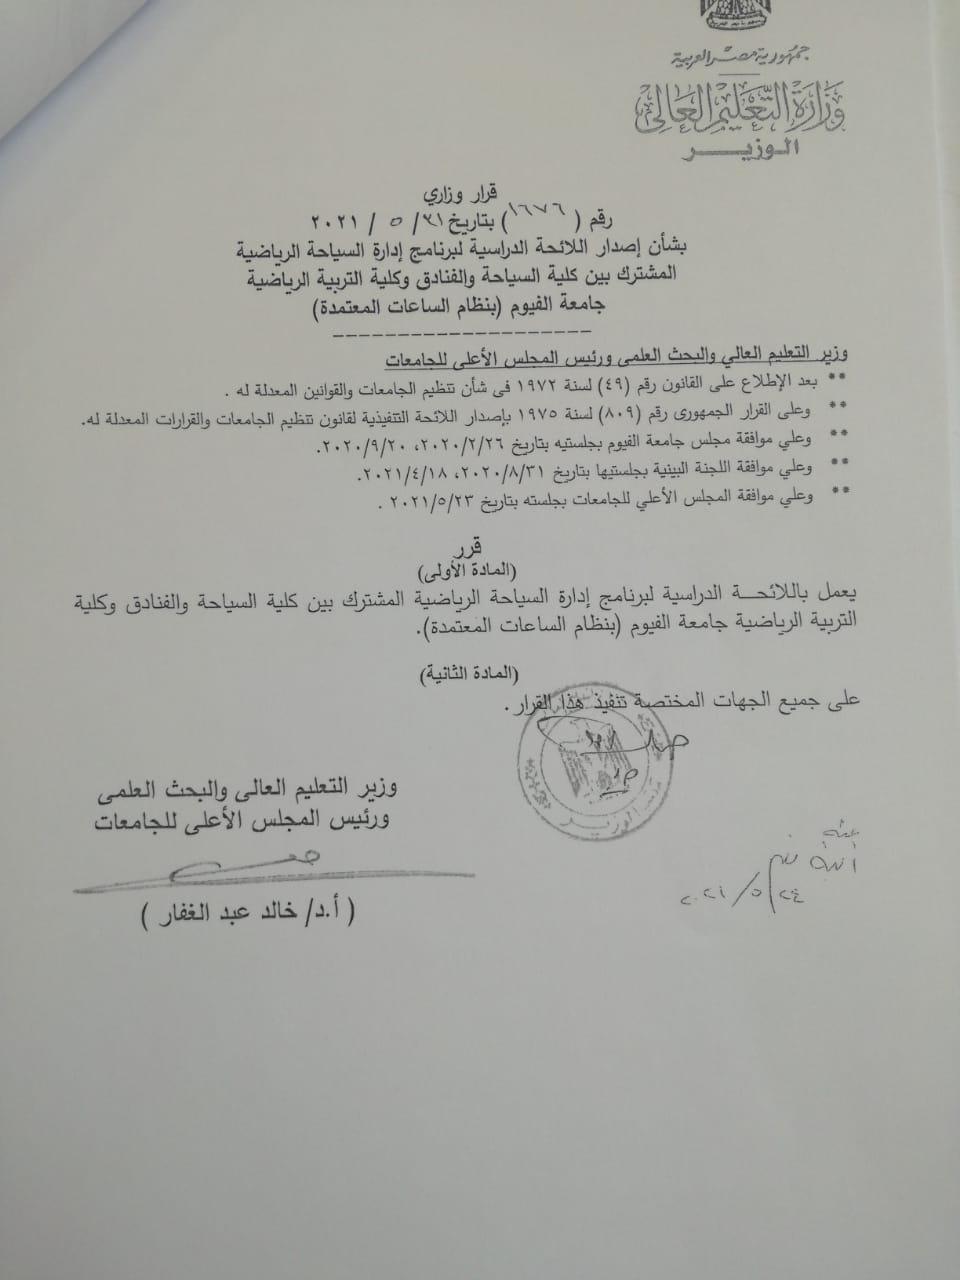 جامعة الفيوم: إدارة السياحة الرياضية أول برنامج مشترك بين كليتين على مستوى الجامعات المصرية